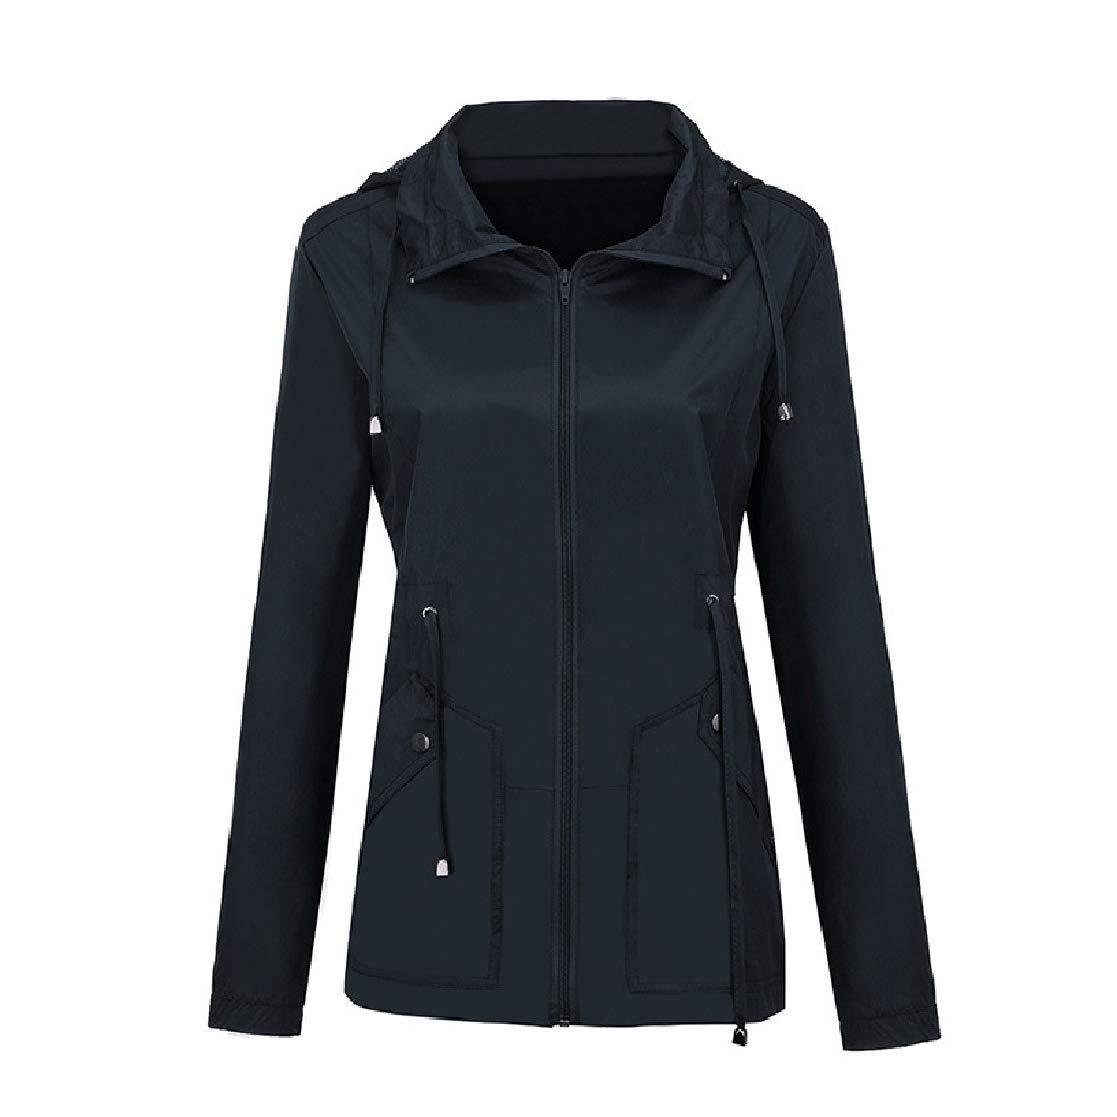 YUNY Womens Waterproof Hoodie Weekend Pure Color Elastic Biker Jacket Navy Blue S